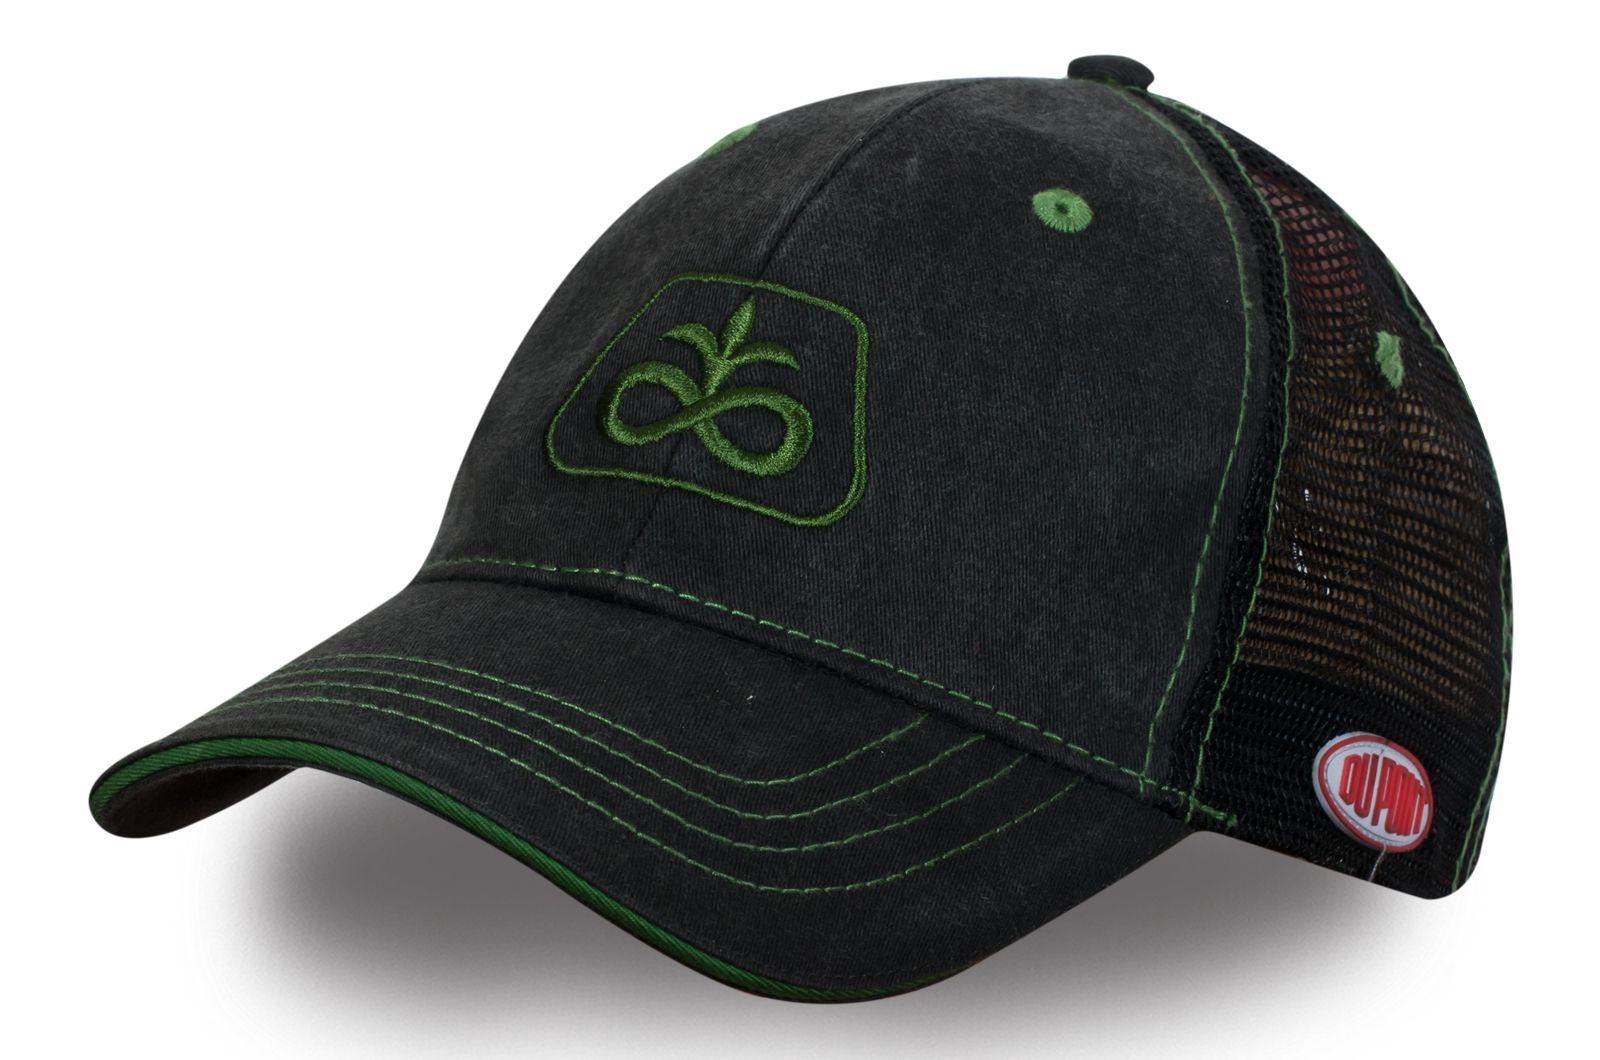 Бейсболка с логотипом - купить в интернет-магазине с доставкой